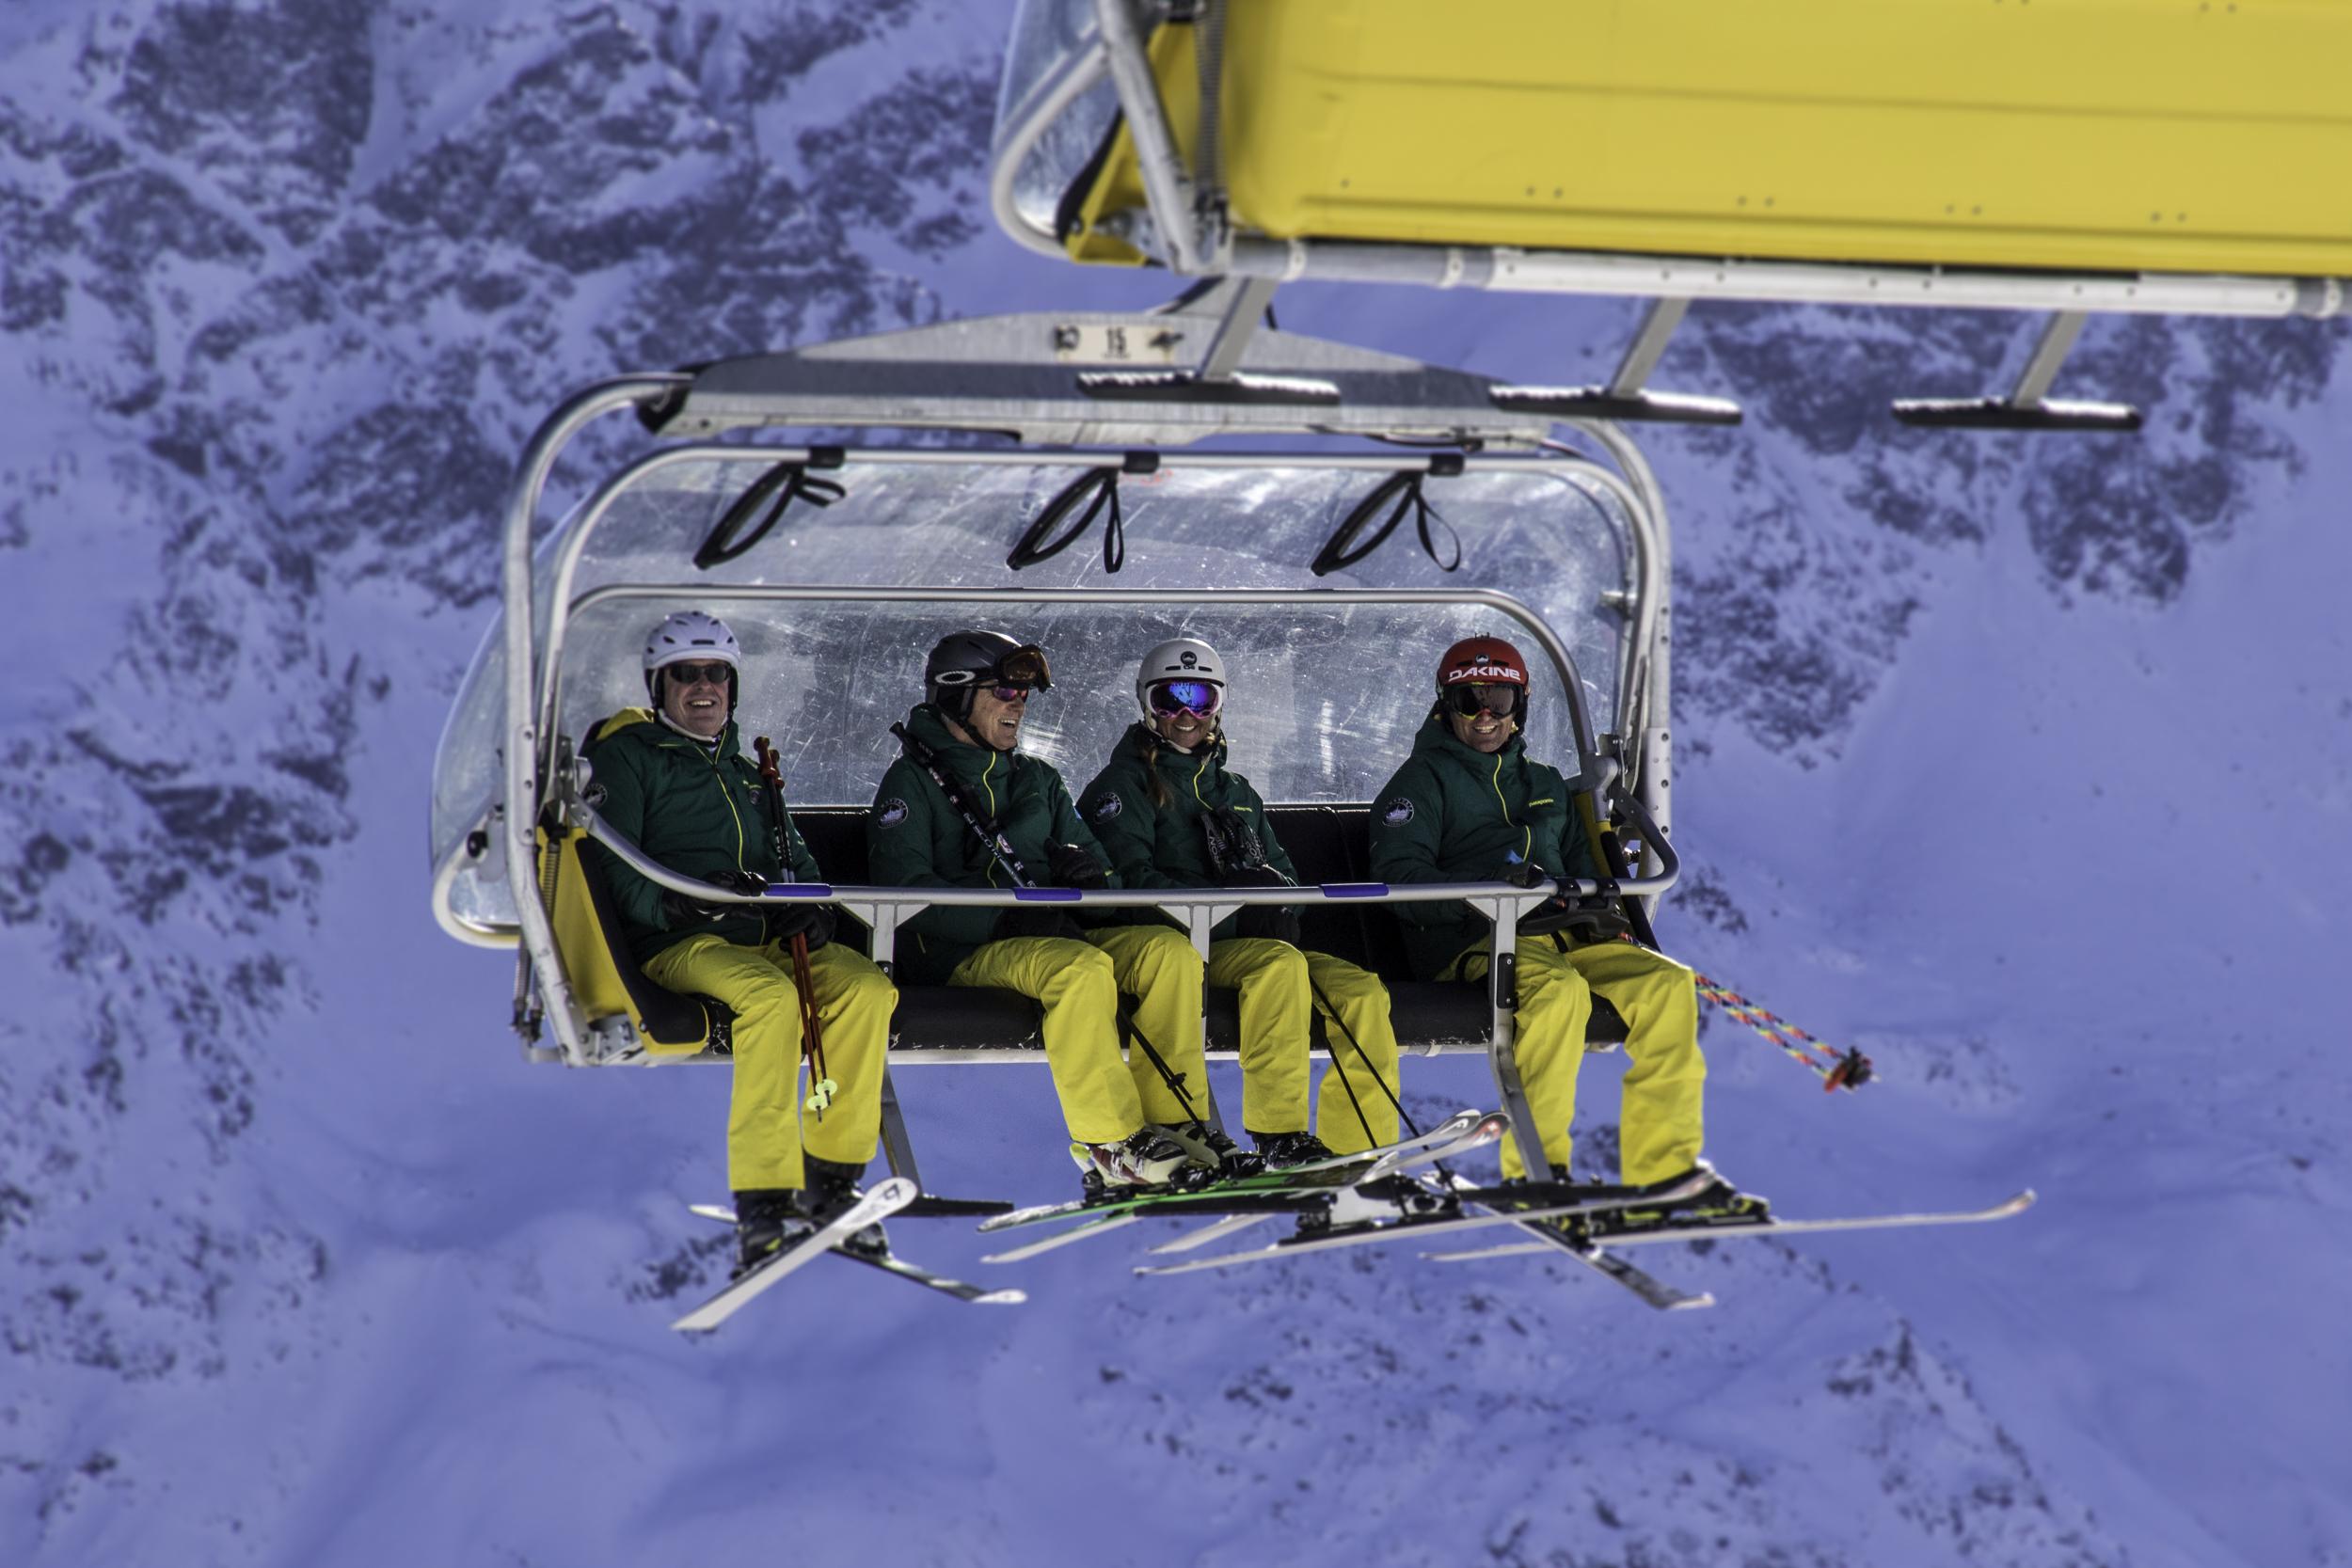 Wyss Snowsports Slide 1